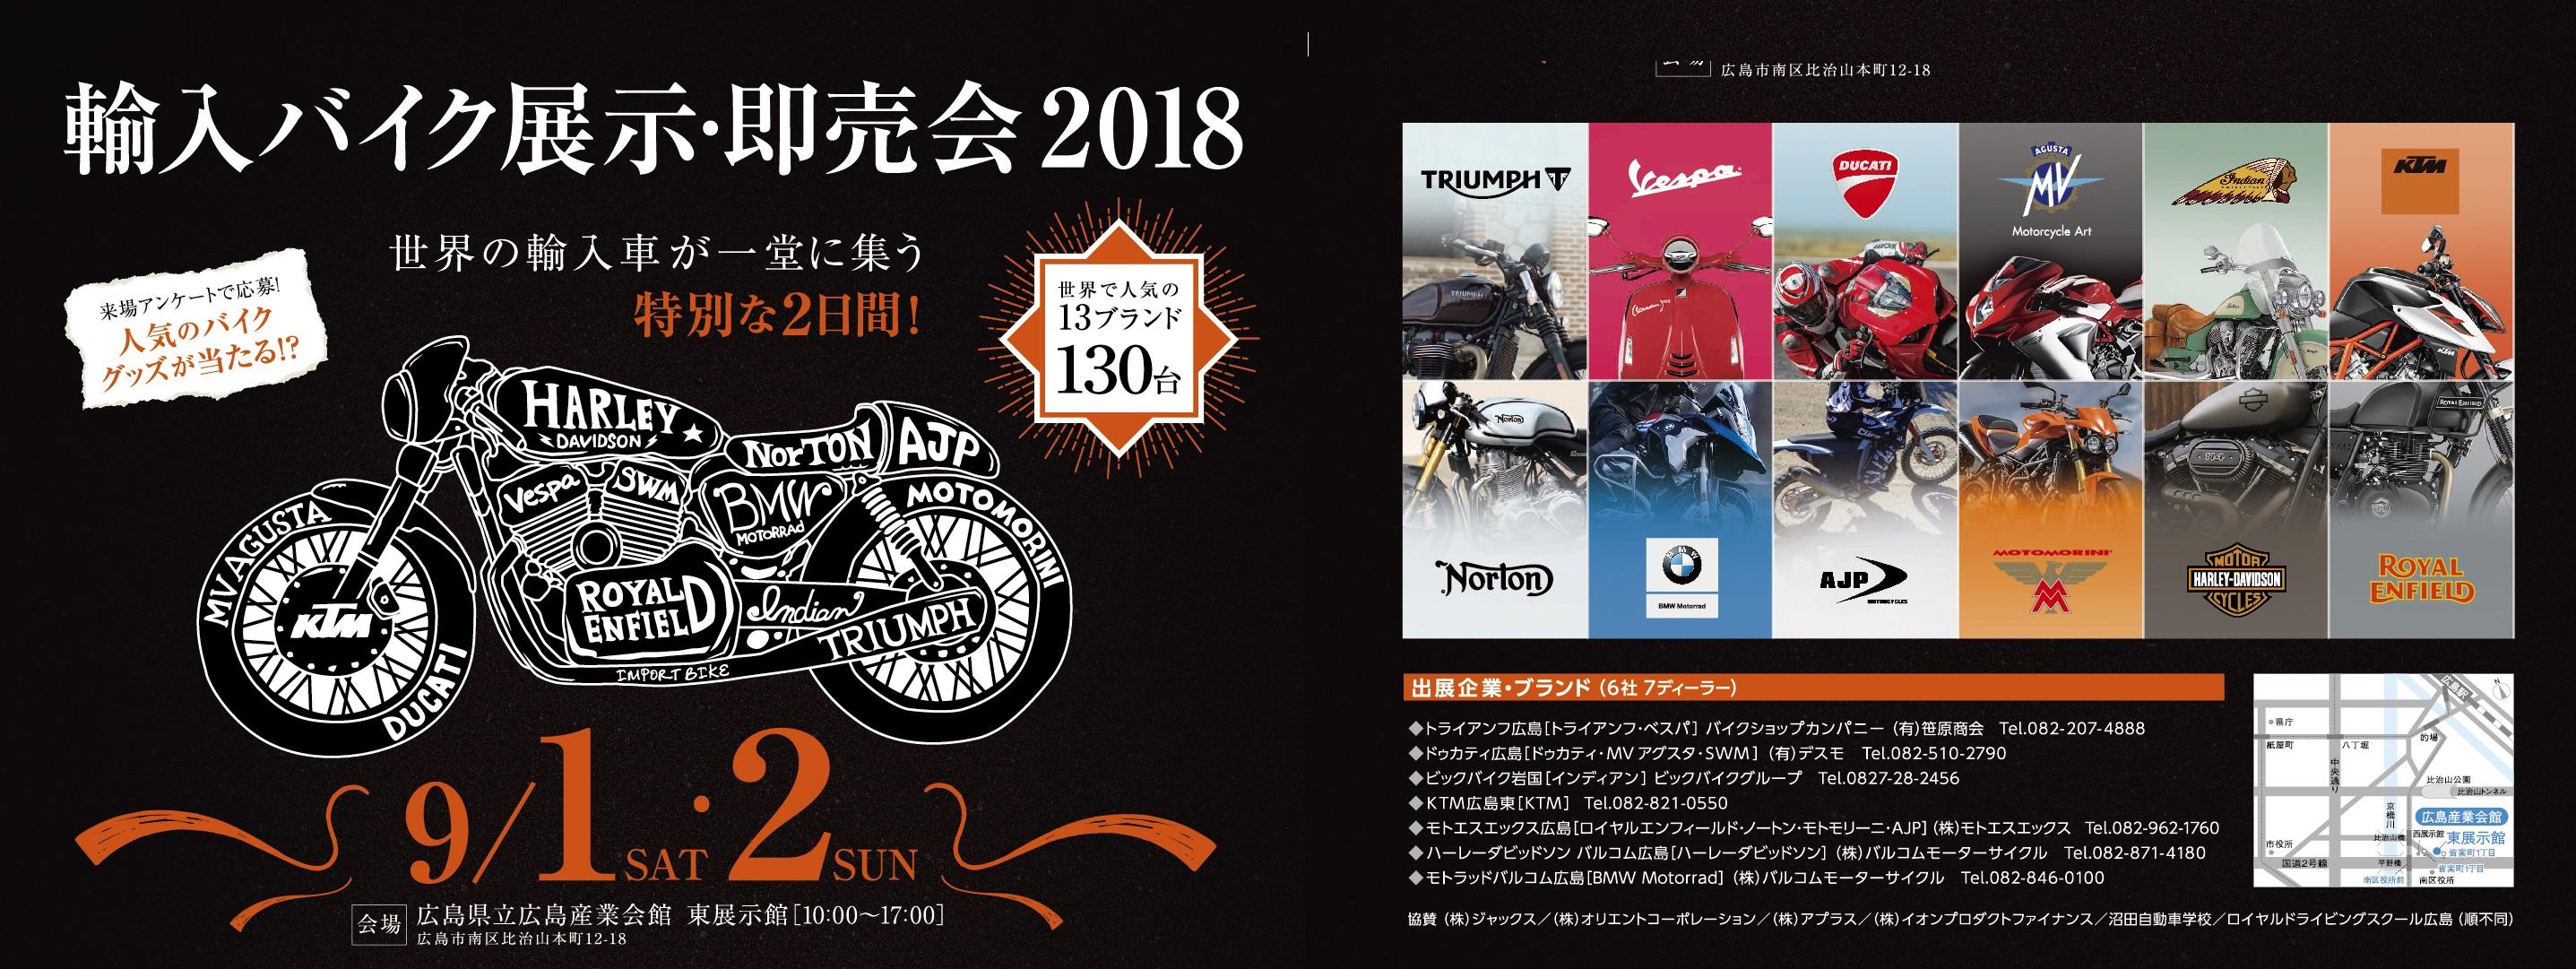 9月1日(土)-2日(日) 輸入バイク展示・即売会2018 (広島県立広島産業会館)